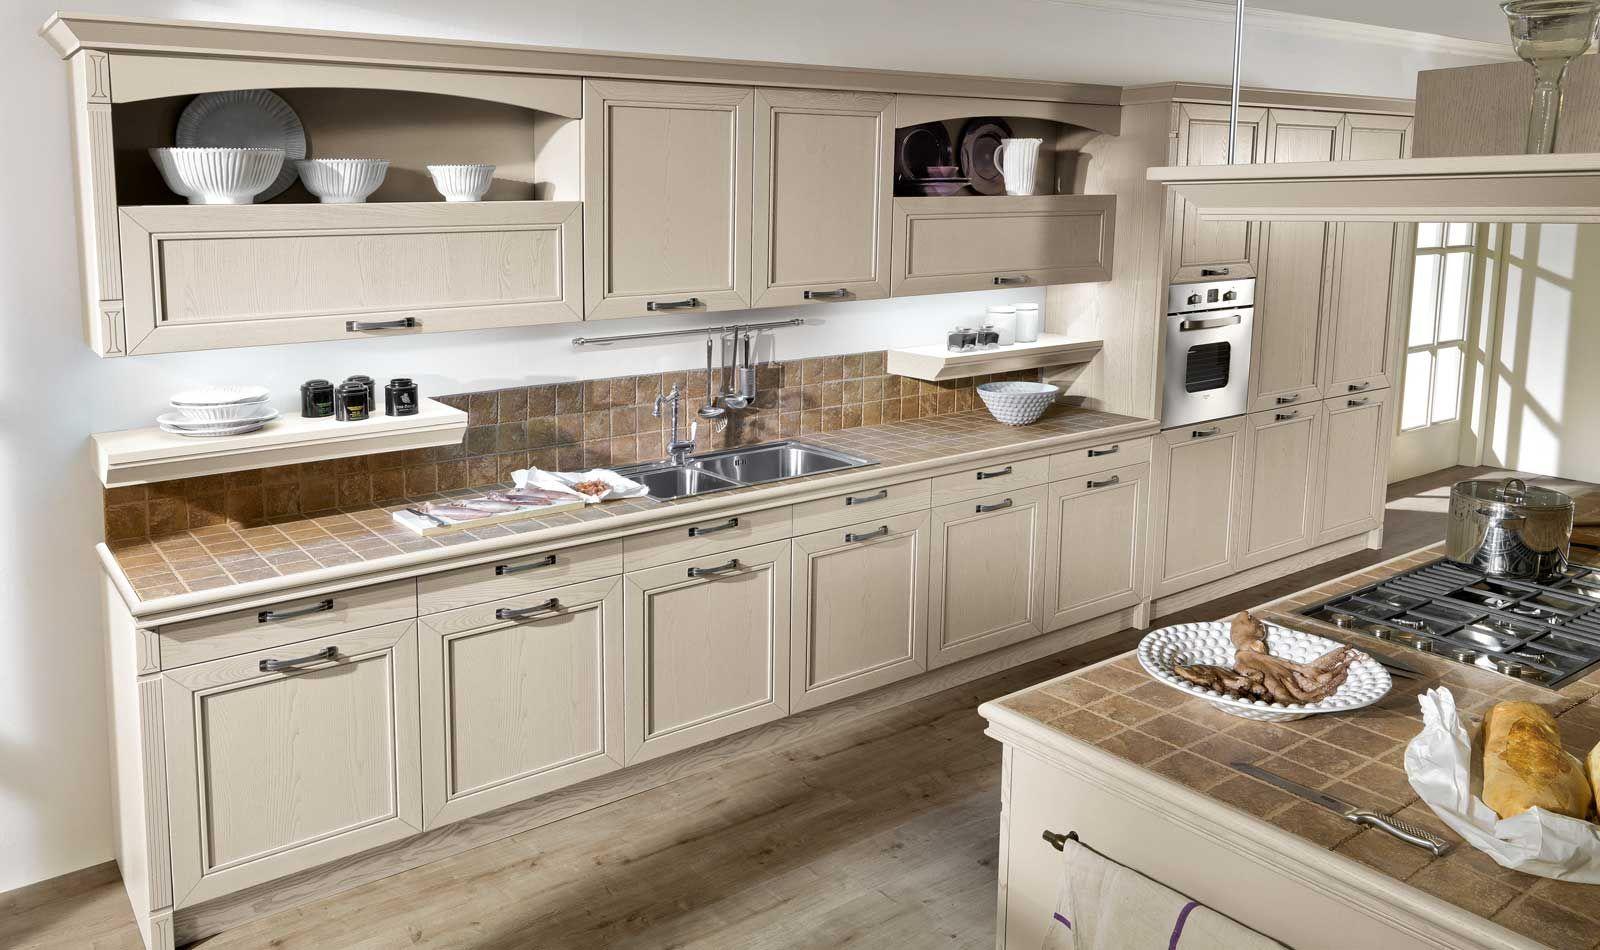 Arredo3: cucine moderne, cucine classiche, cucina, cucine, cucine componibili...